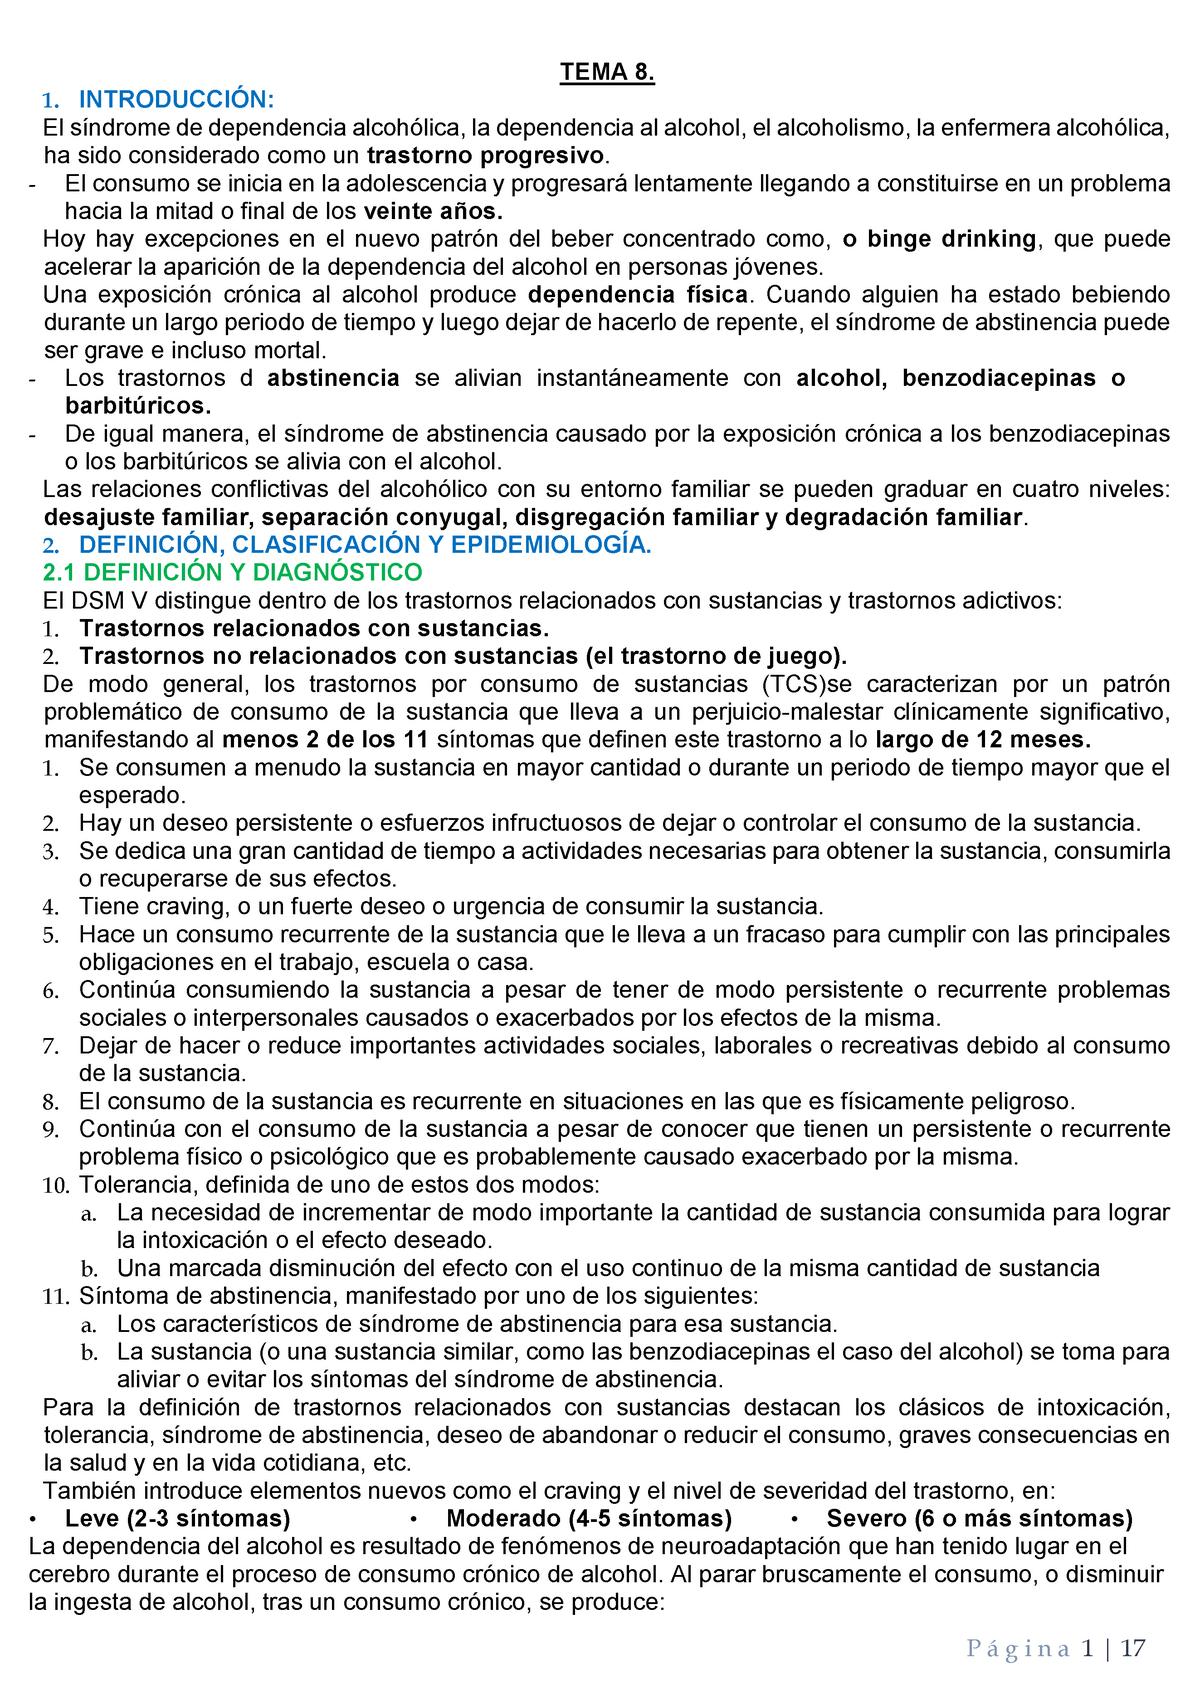 T 8 Apuntes De Barbara Terapia Cognitivo Conductual